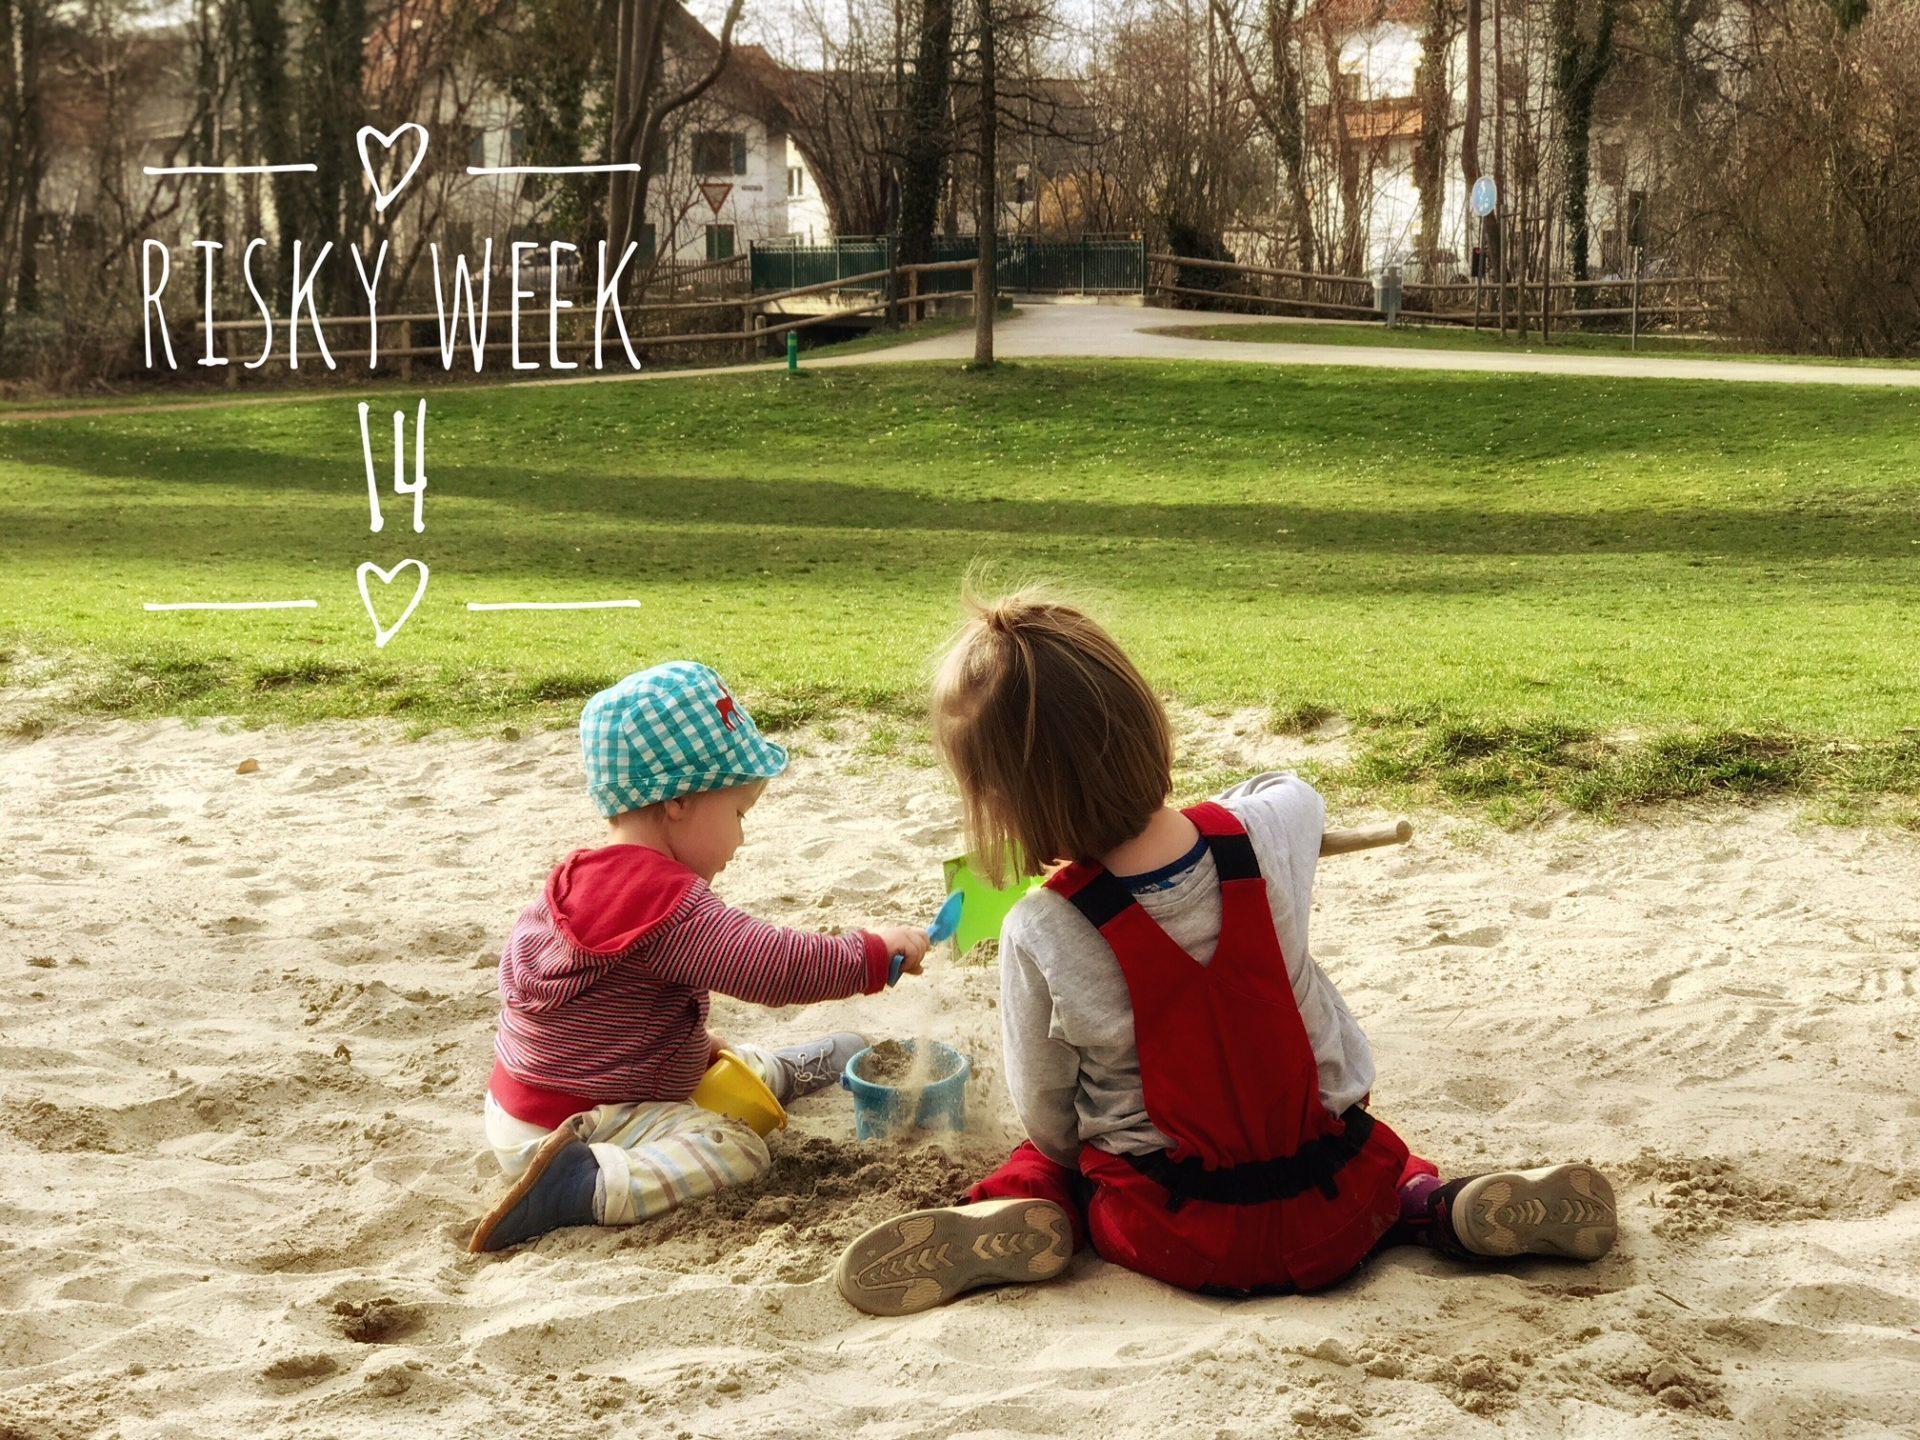 Risky Week 14 – Merlin spielt mit seinen kleinen Freund im Sandkasten